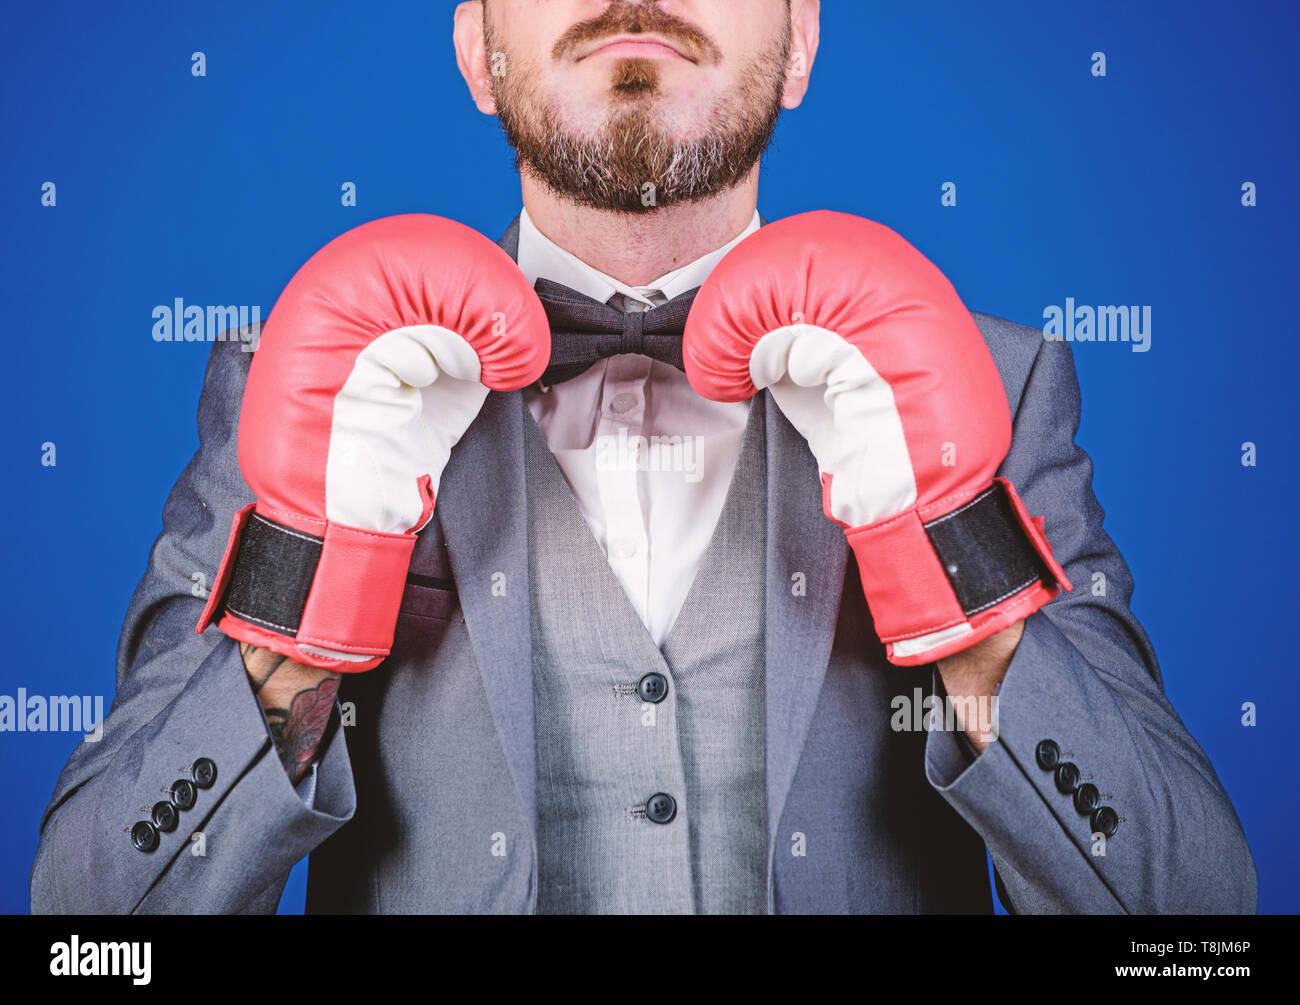 Angriff und Verteidigung Konzept. Erfolg erzielen. Taktik bewährte zu arbeiten. Strafverteidiger, die Planung von Strategien. Unternehmer tragen Boxhandschuhe. Besten Strafverteidiger Strategien. Stockbild